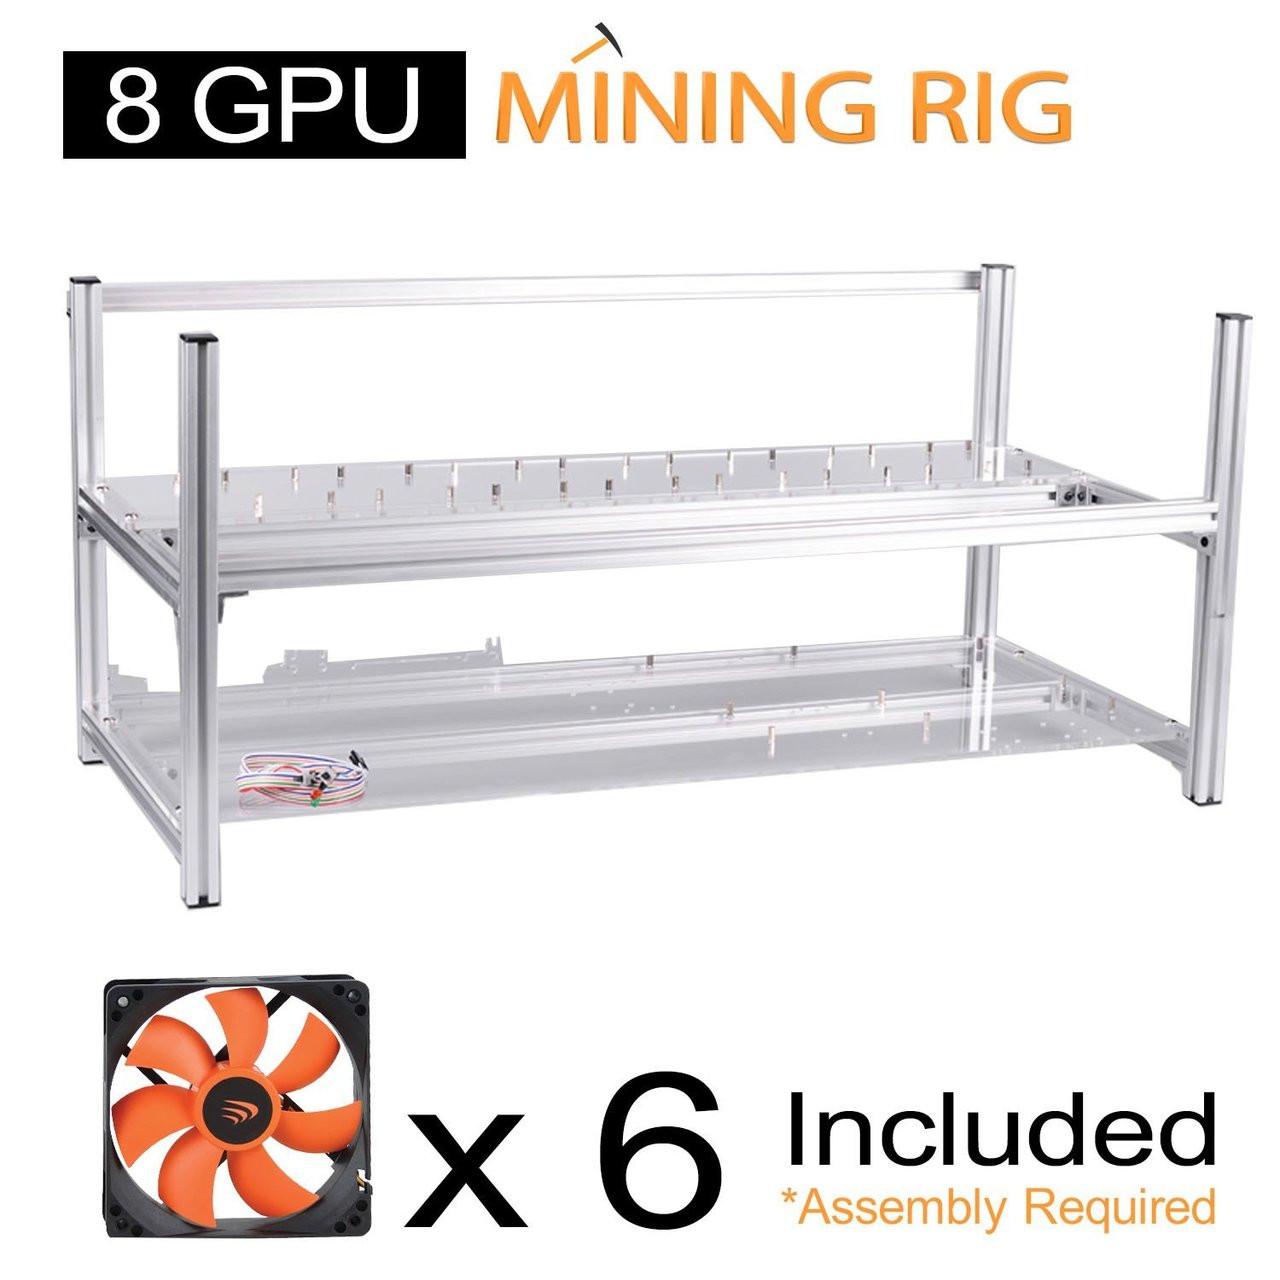 AAAwave 8 GPU open frame mining rig case set - Case + 6 x AAAwave 2100 rpm  fan